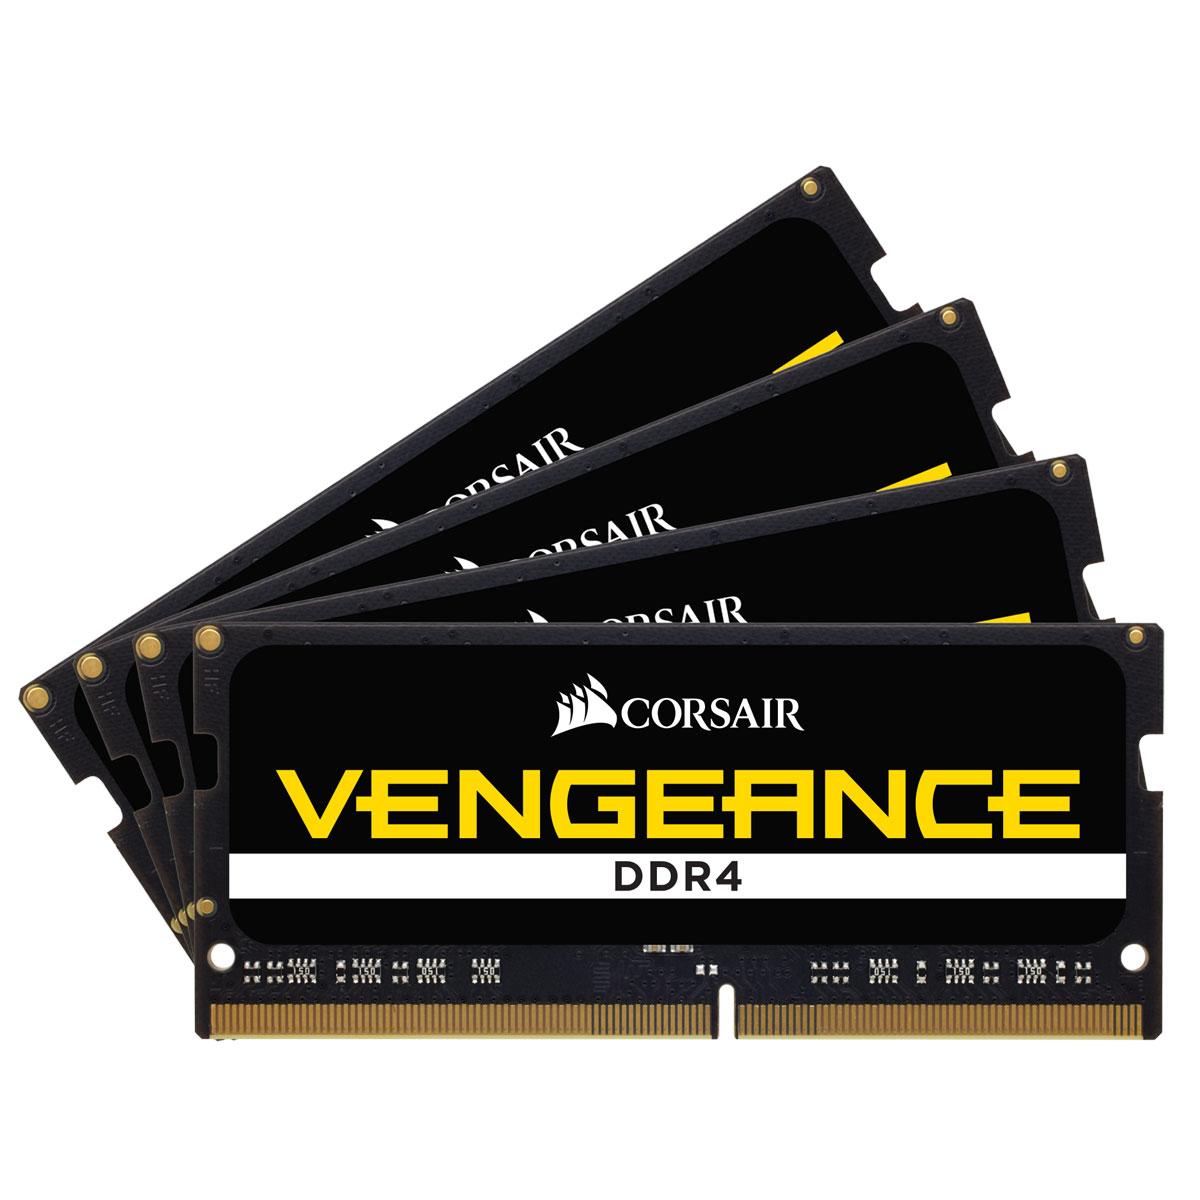 Mémoire PC Corsair Vengeance SO-DIMM DDR4 32 Go (4 x 8 Go) 4000 MHz CL19 Kit Quad Channel RAM DDR4 PC4-32000 - CMSX32GX4M4X4000C19 (garantie 10 ans par Corsair)